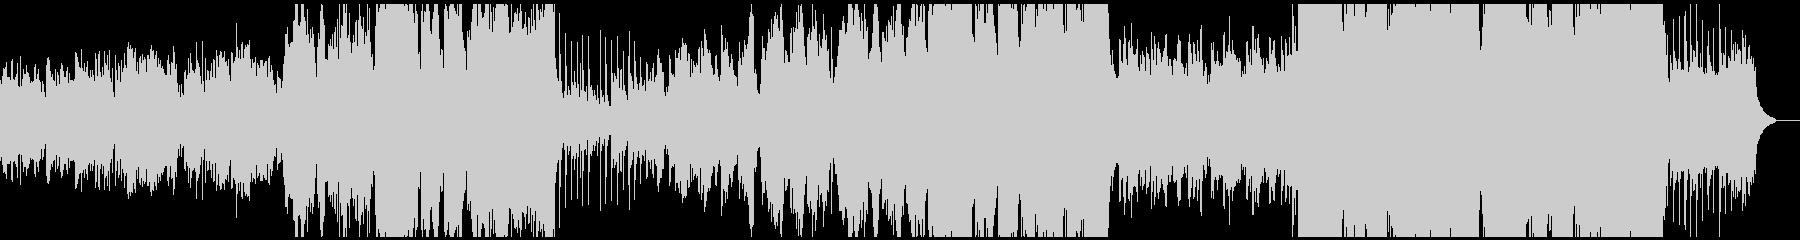 尺八三味線が日本の風景をイメージさせる曲の未再生の波形